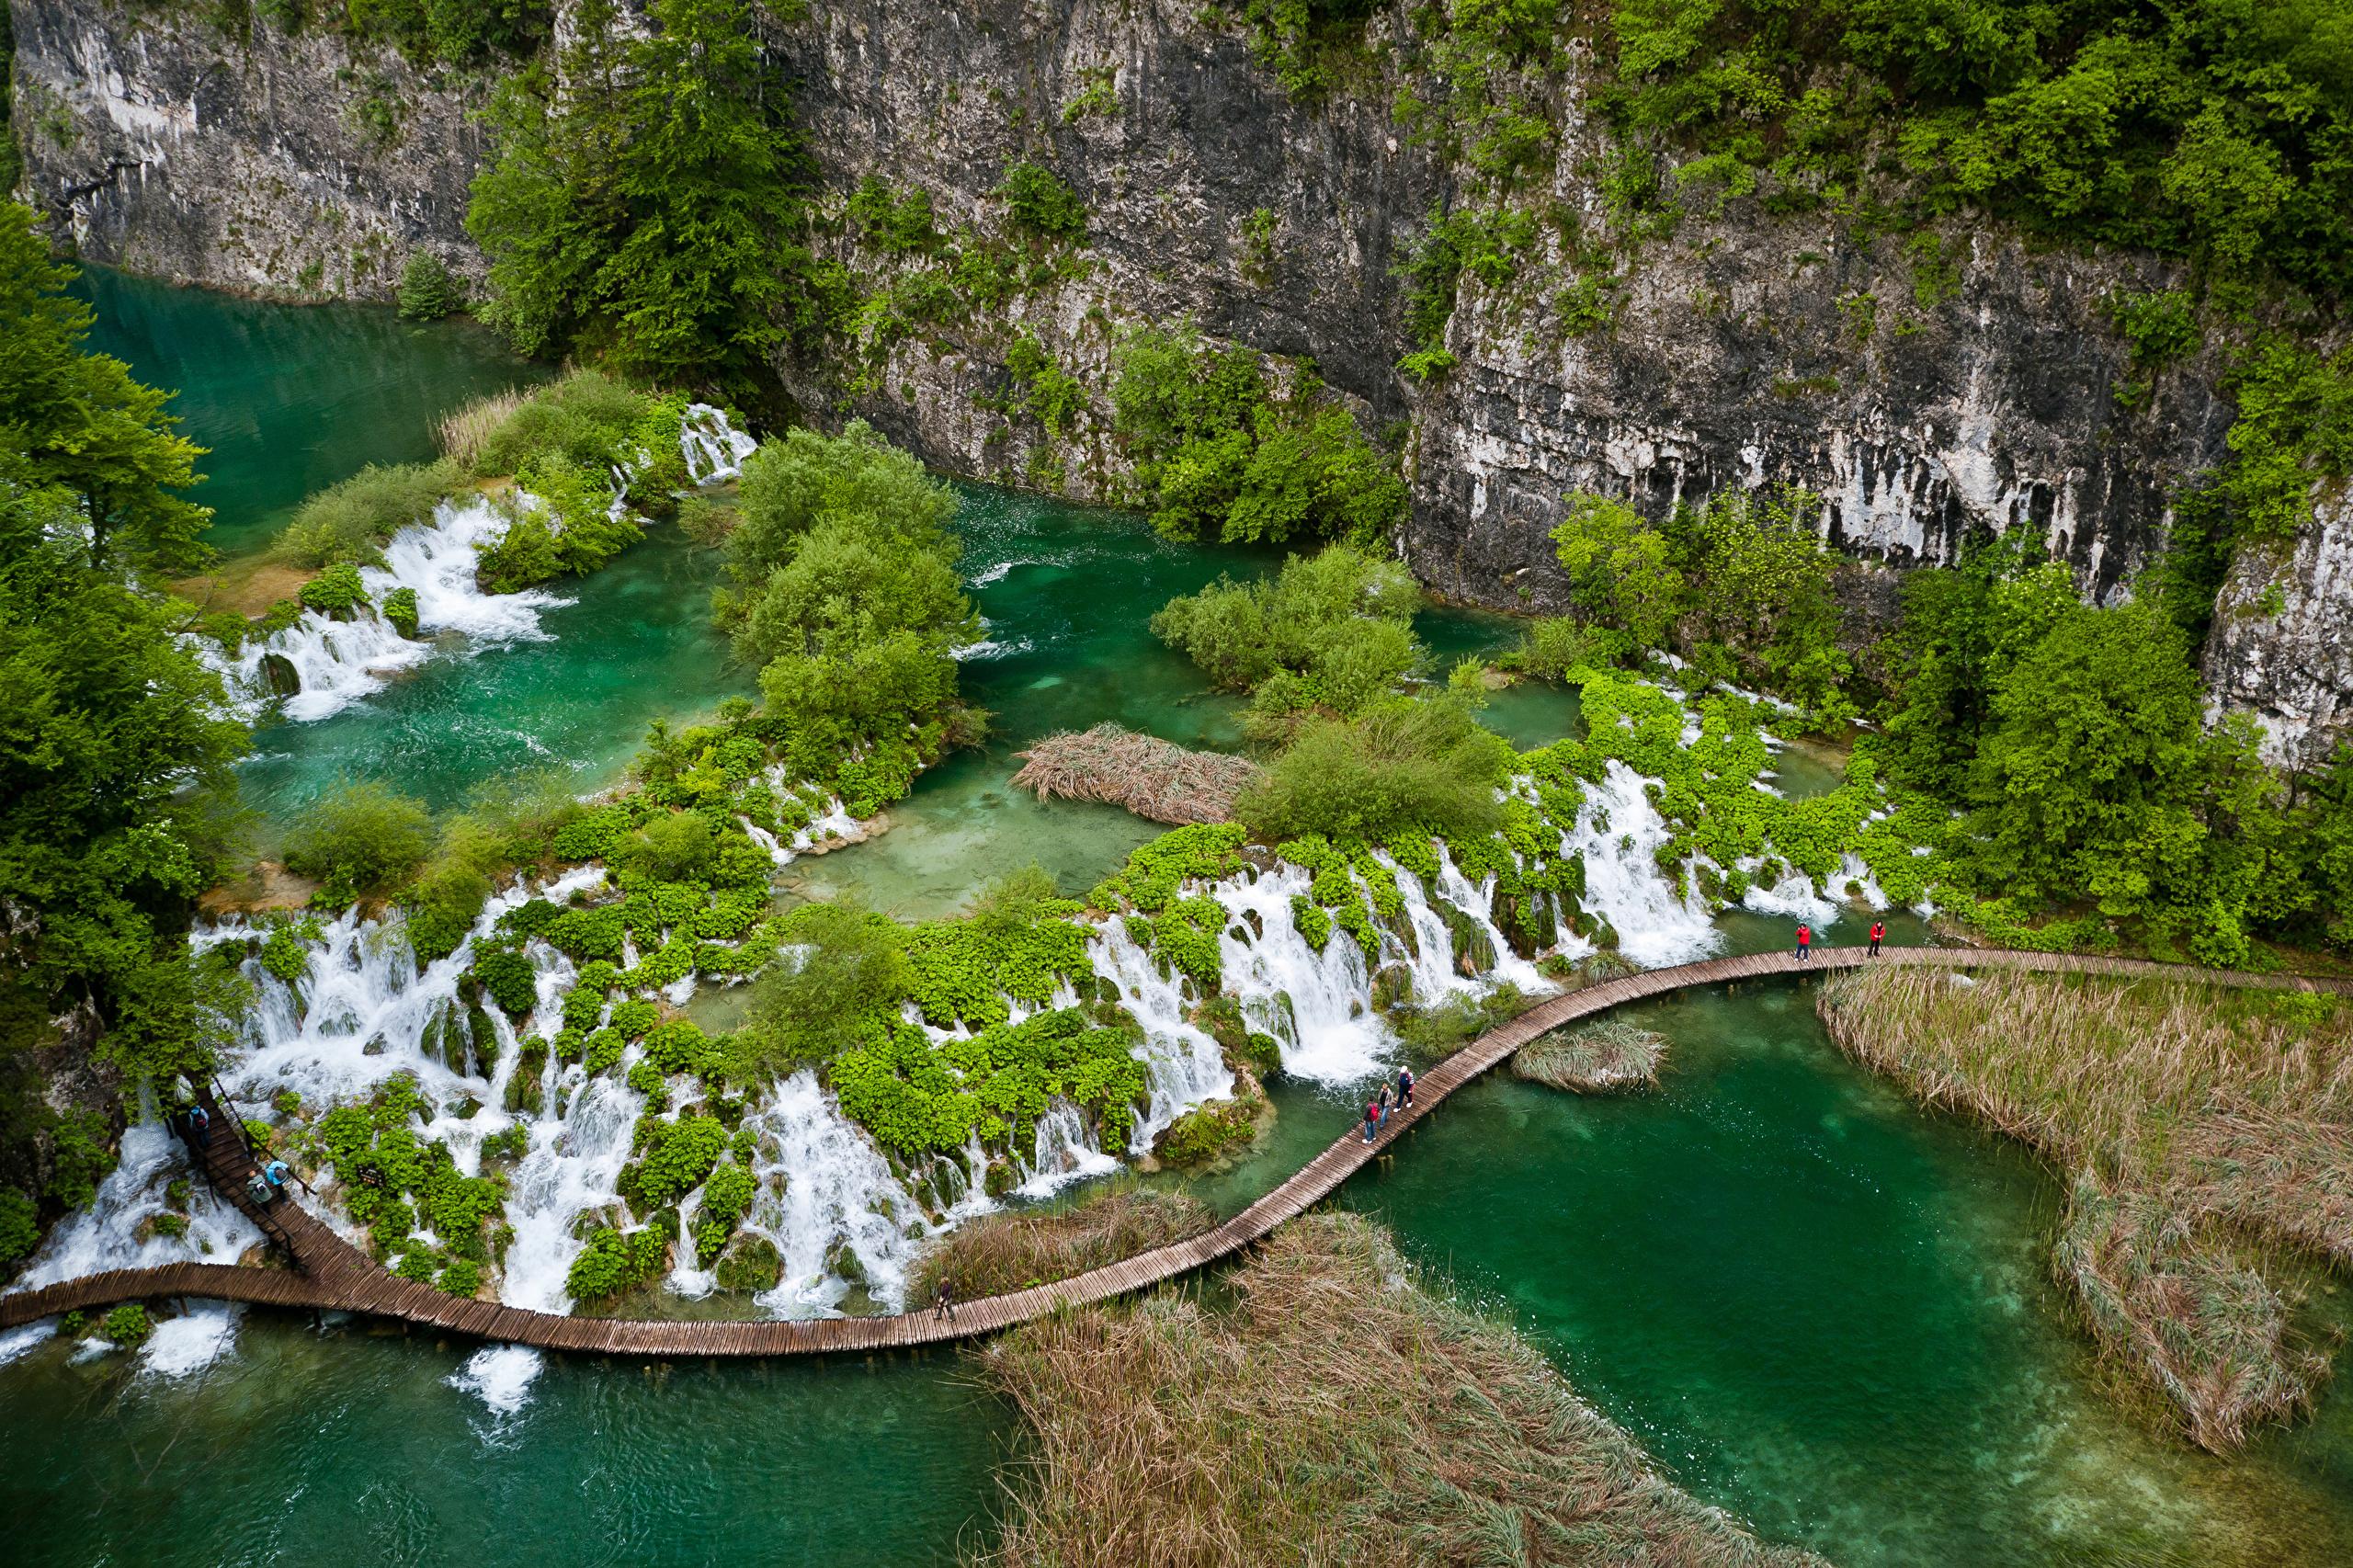 зеленая растительность, вода, горы бесплатно